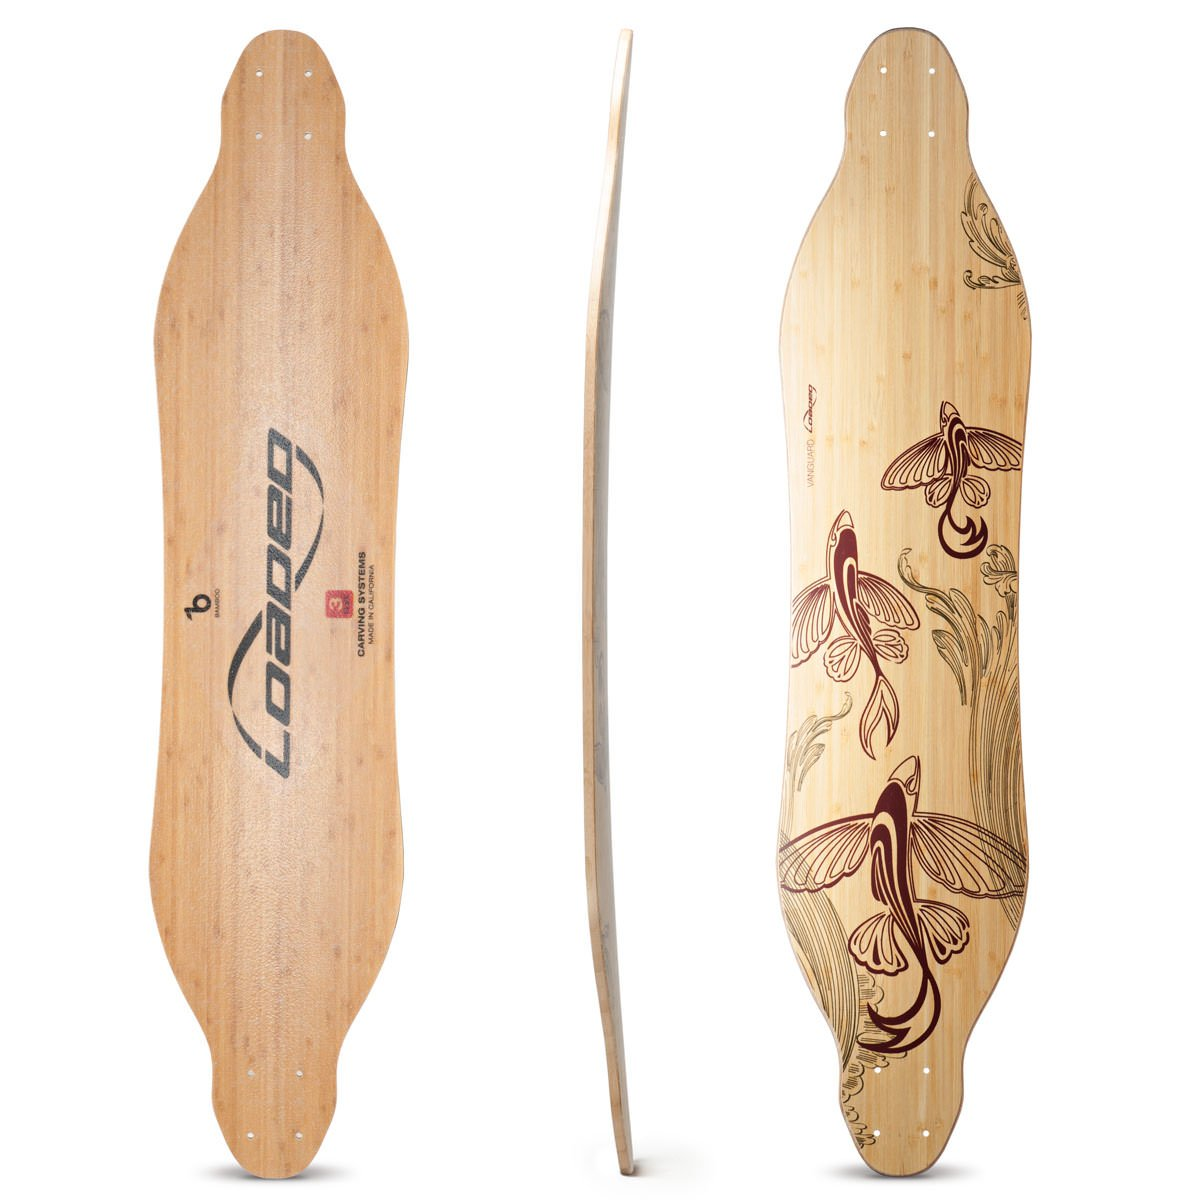 Loaded Boards Vanguard Bamboo Longboard Skateboard Deck (Flex 1)